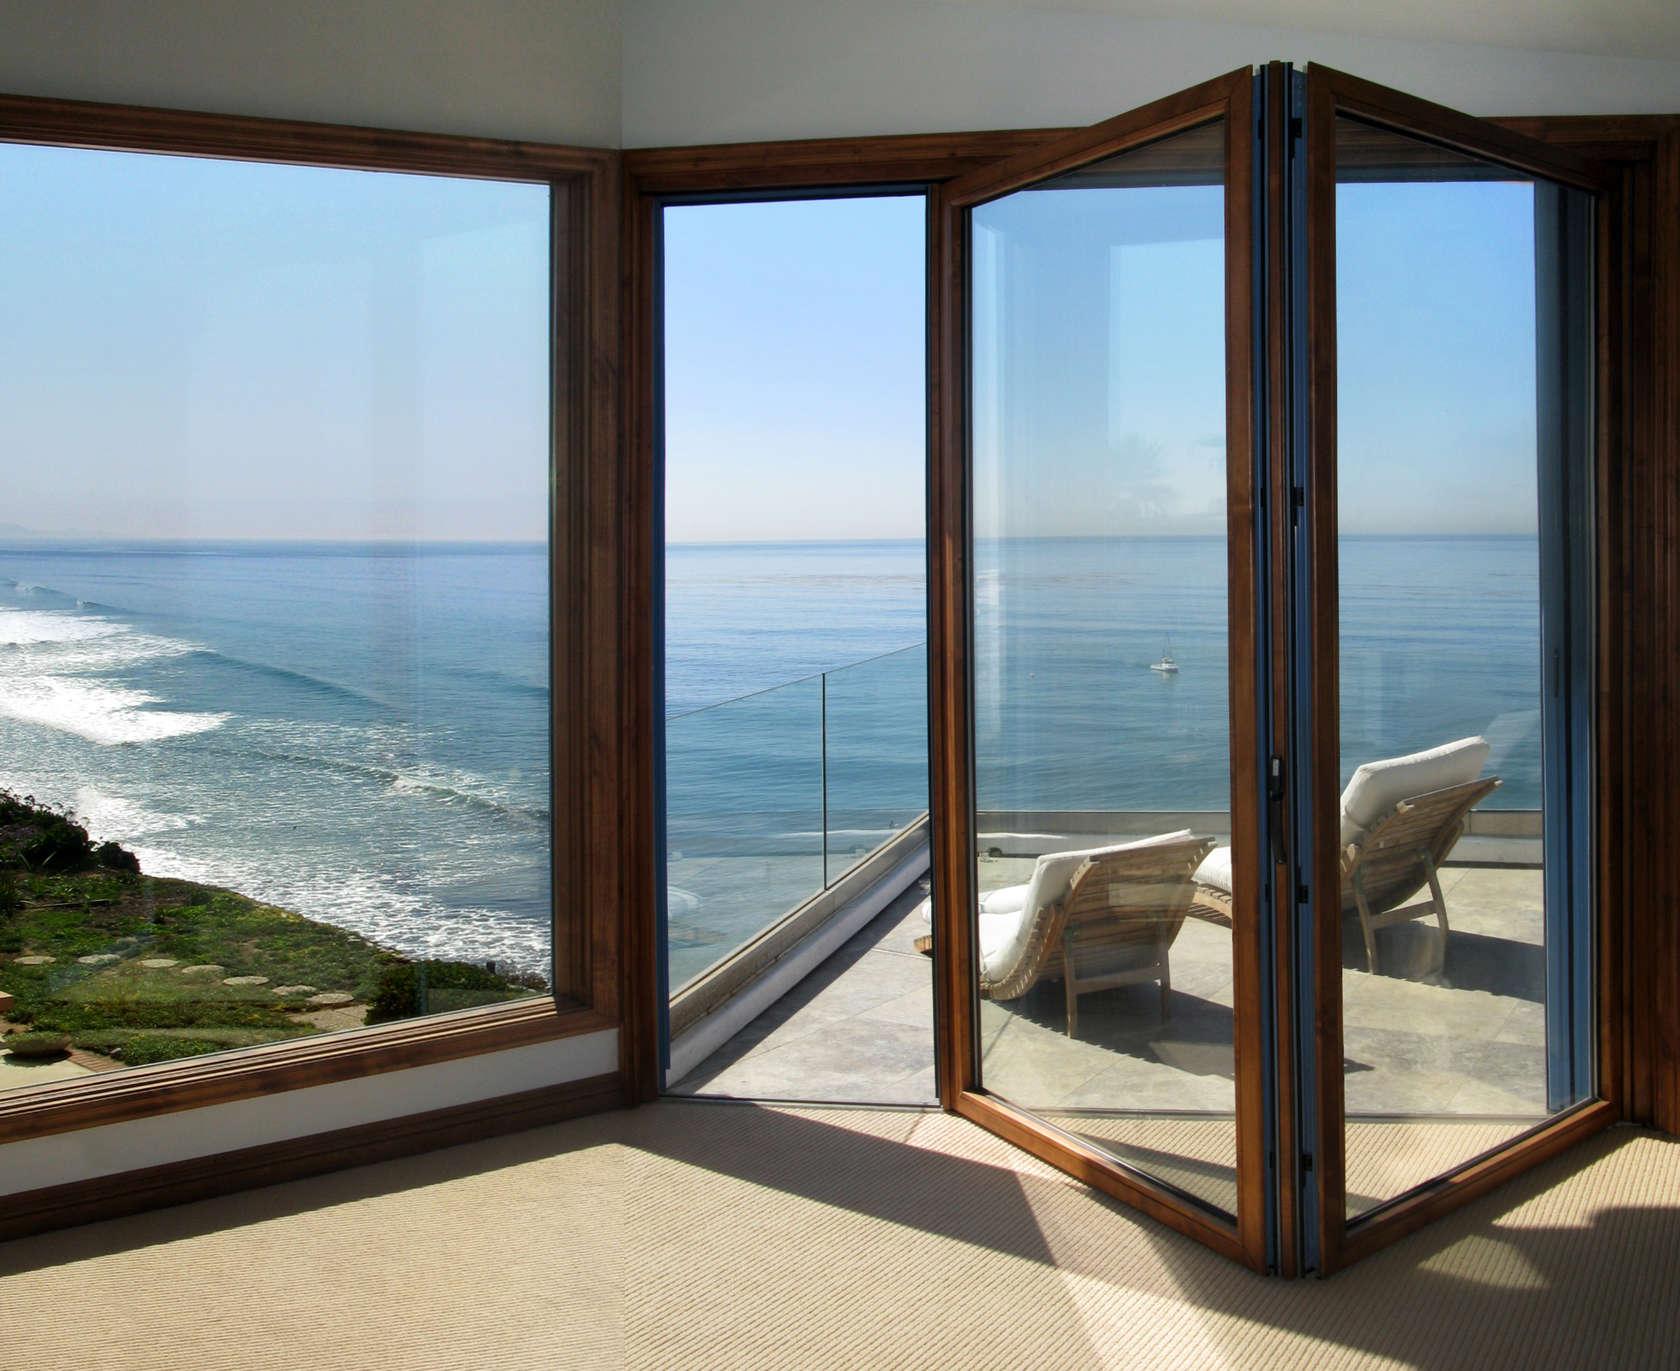 1371 #336E98 74 Aluminum Wood Clad Folding Door Architizer wallpaper Wood Clad Doors 47551680